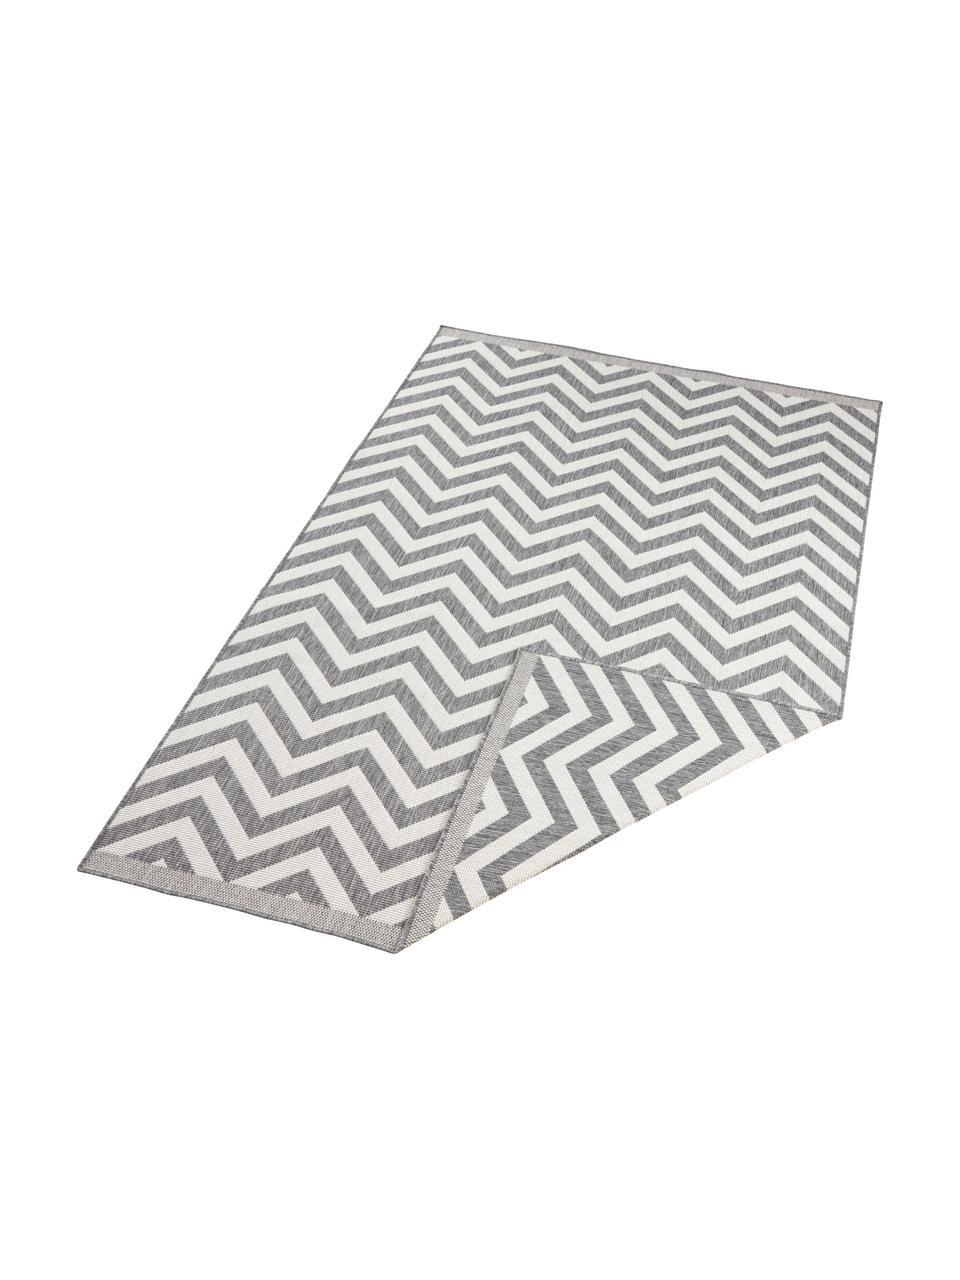 In- & Outdoor-Teppich Palma mit Zickzack-Muster, beidseitig verwendbar, Grau, Creme, B 200 x L 290 cm (Größe L)